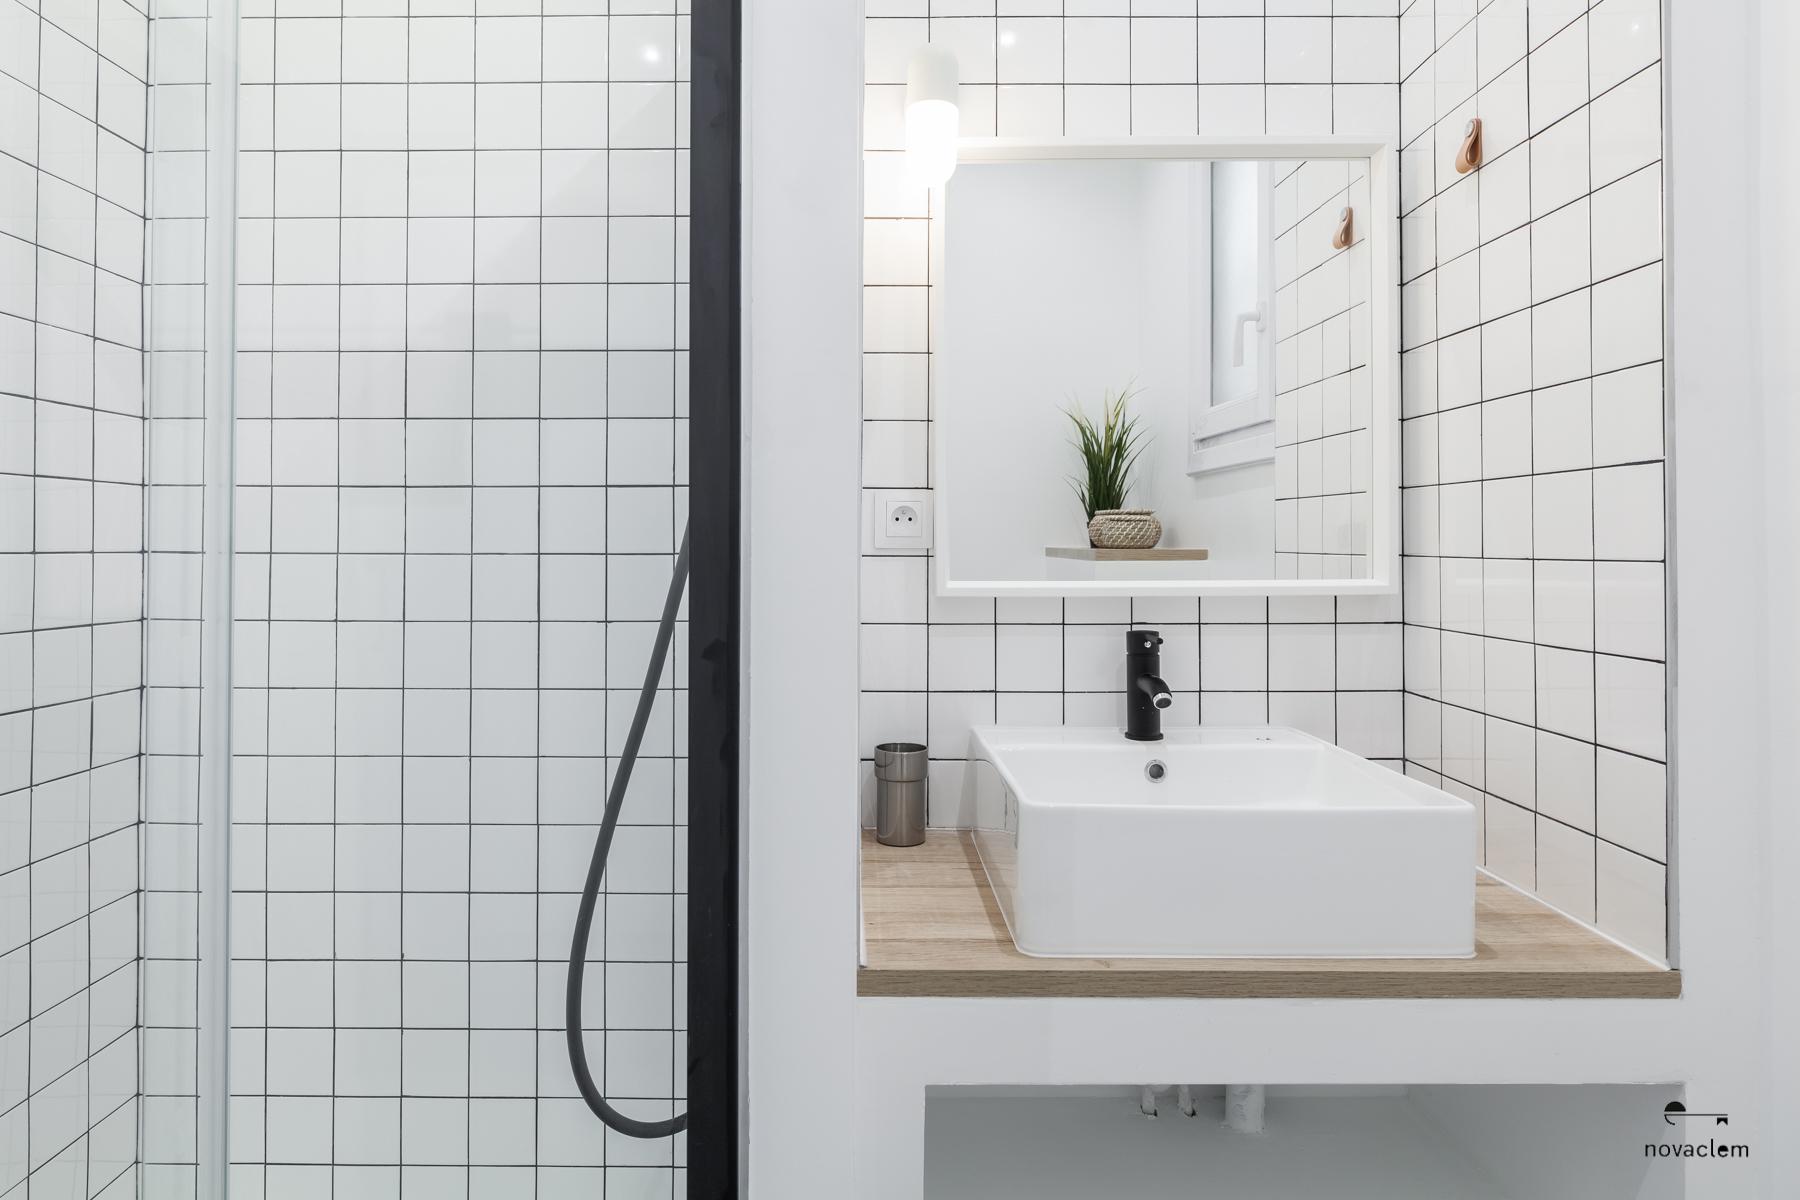 Novaclem -Salle de bain après travaux Coloc Monastère - Investissement Marseille